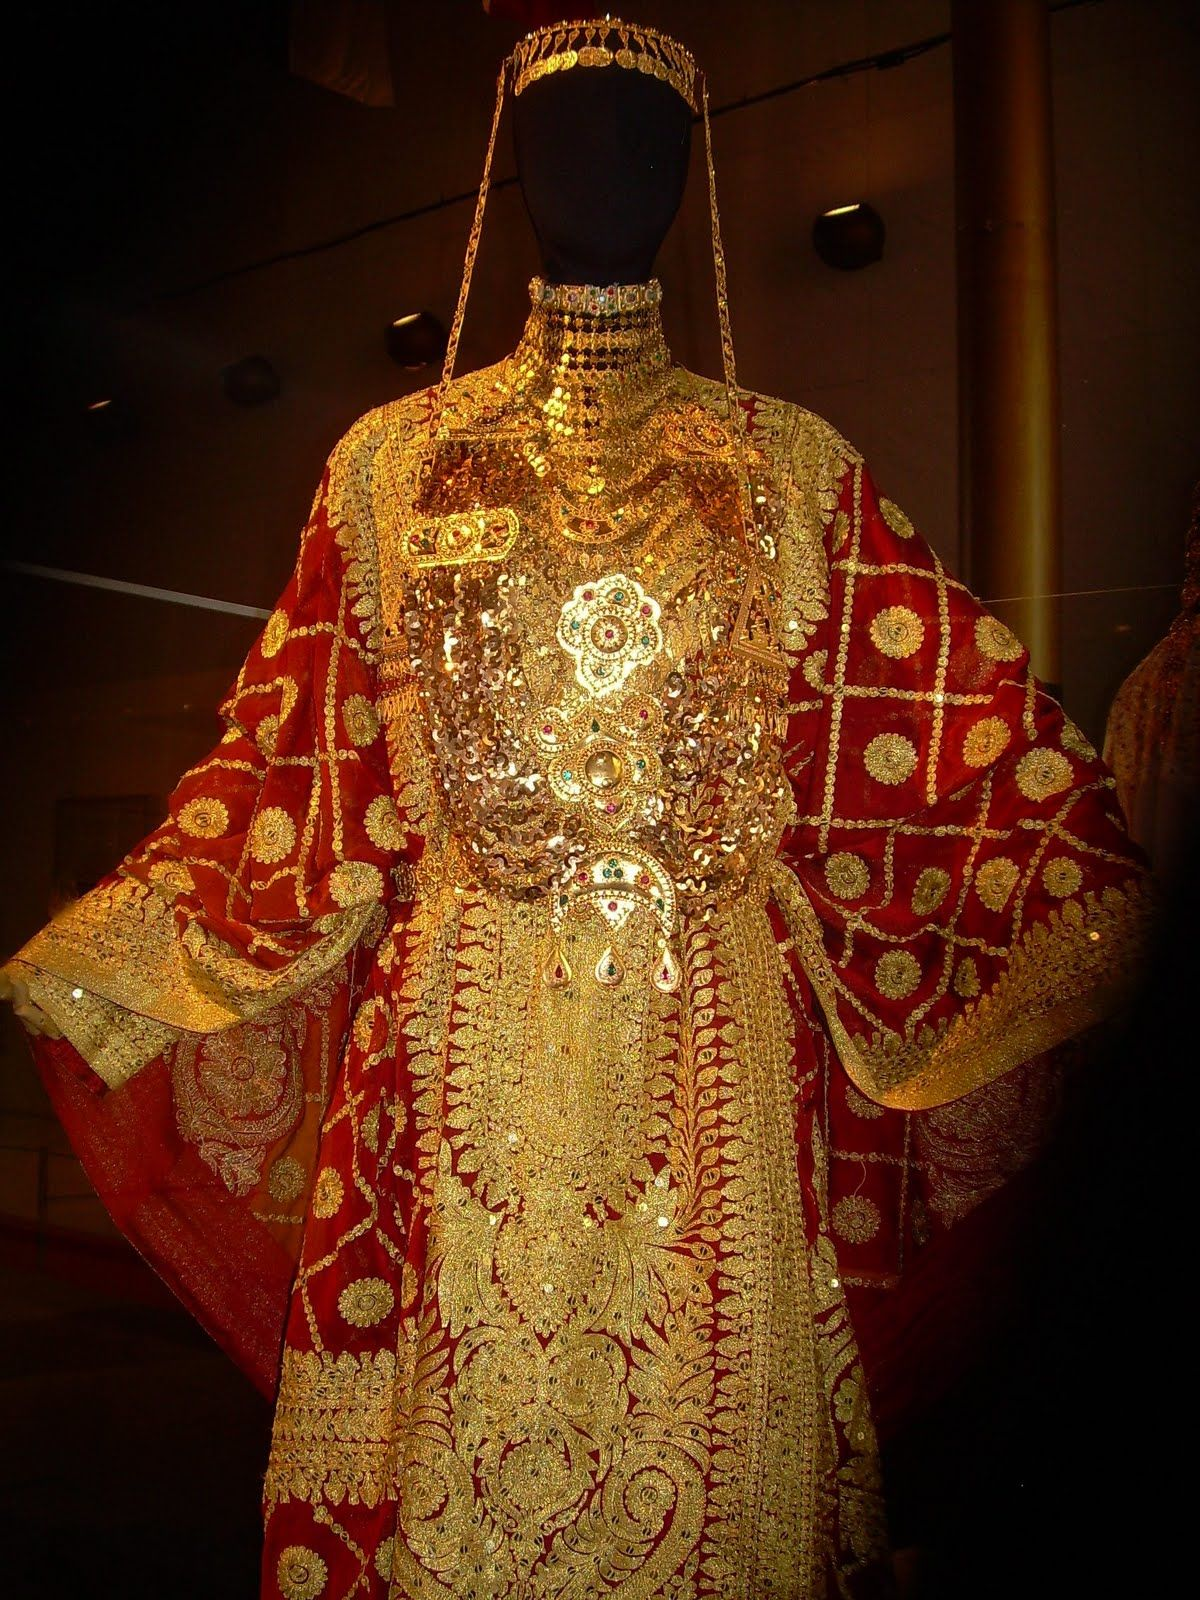 Traditional tunisian wedding dress  Qatari Wedding Dresses  Traditional Khaleeji Dress  Pinterest